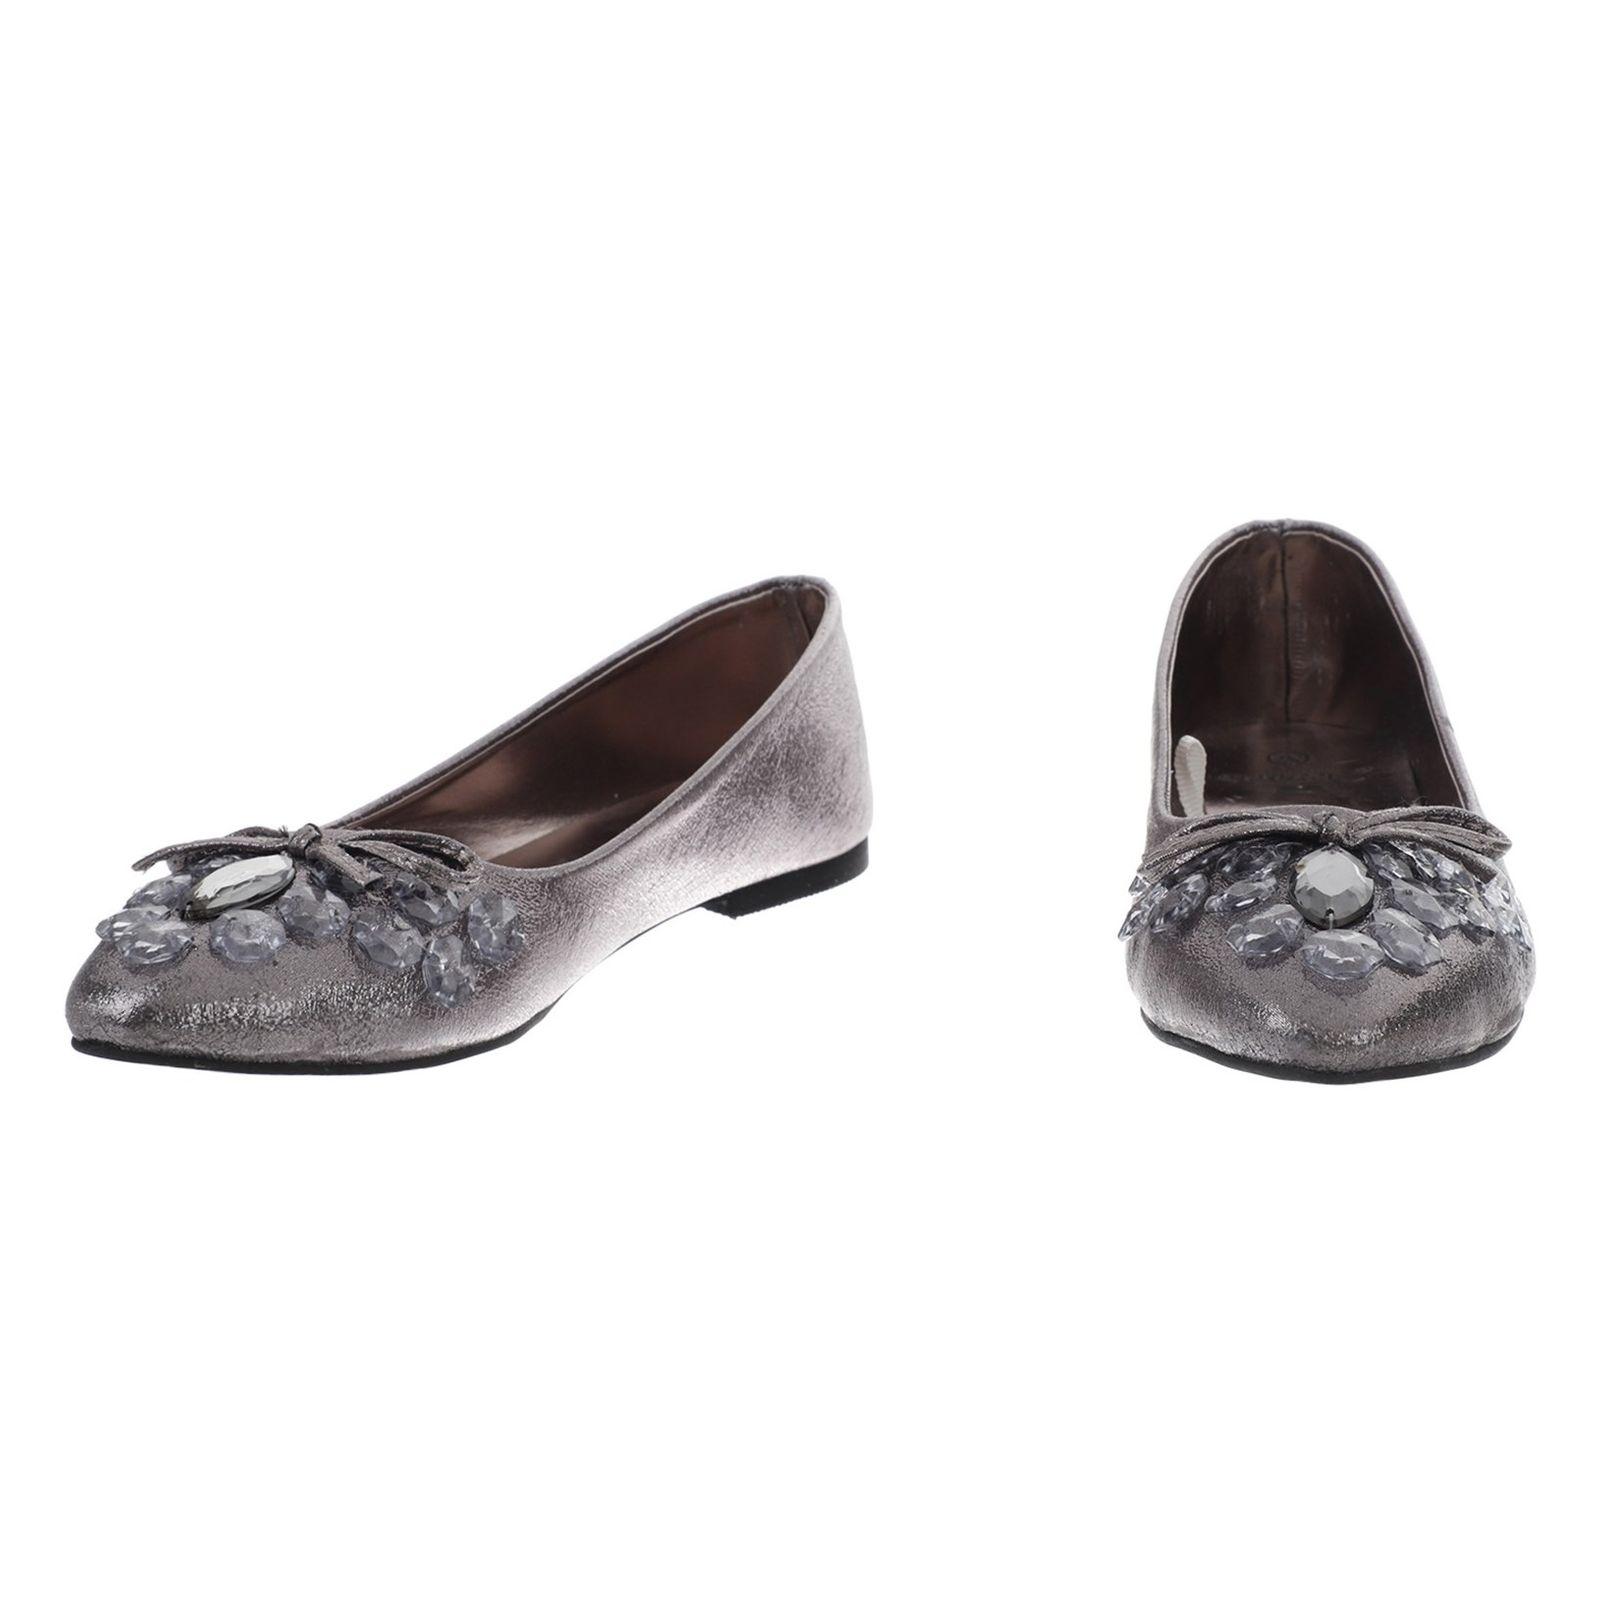 کفش تخت زنانه - دفکتو - نقراه اي براق - 4